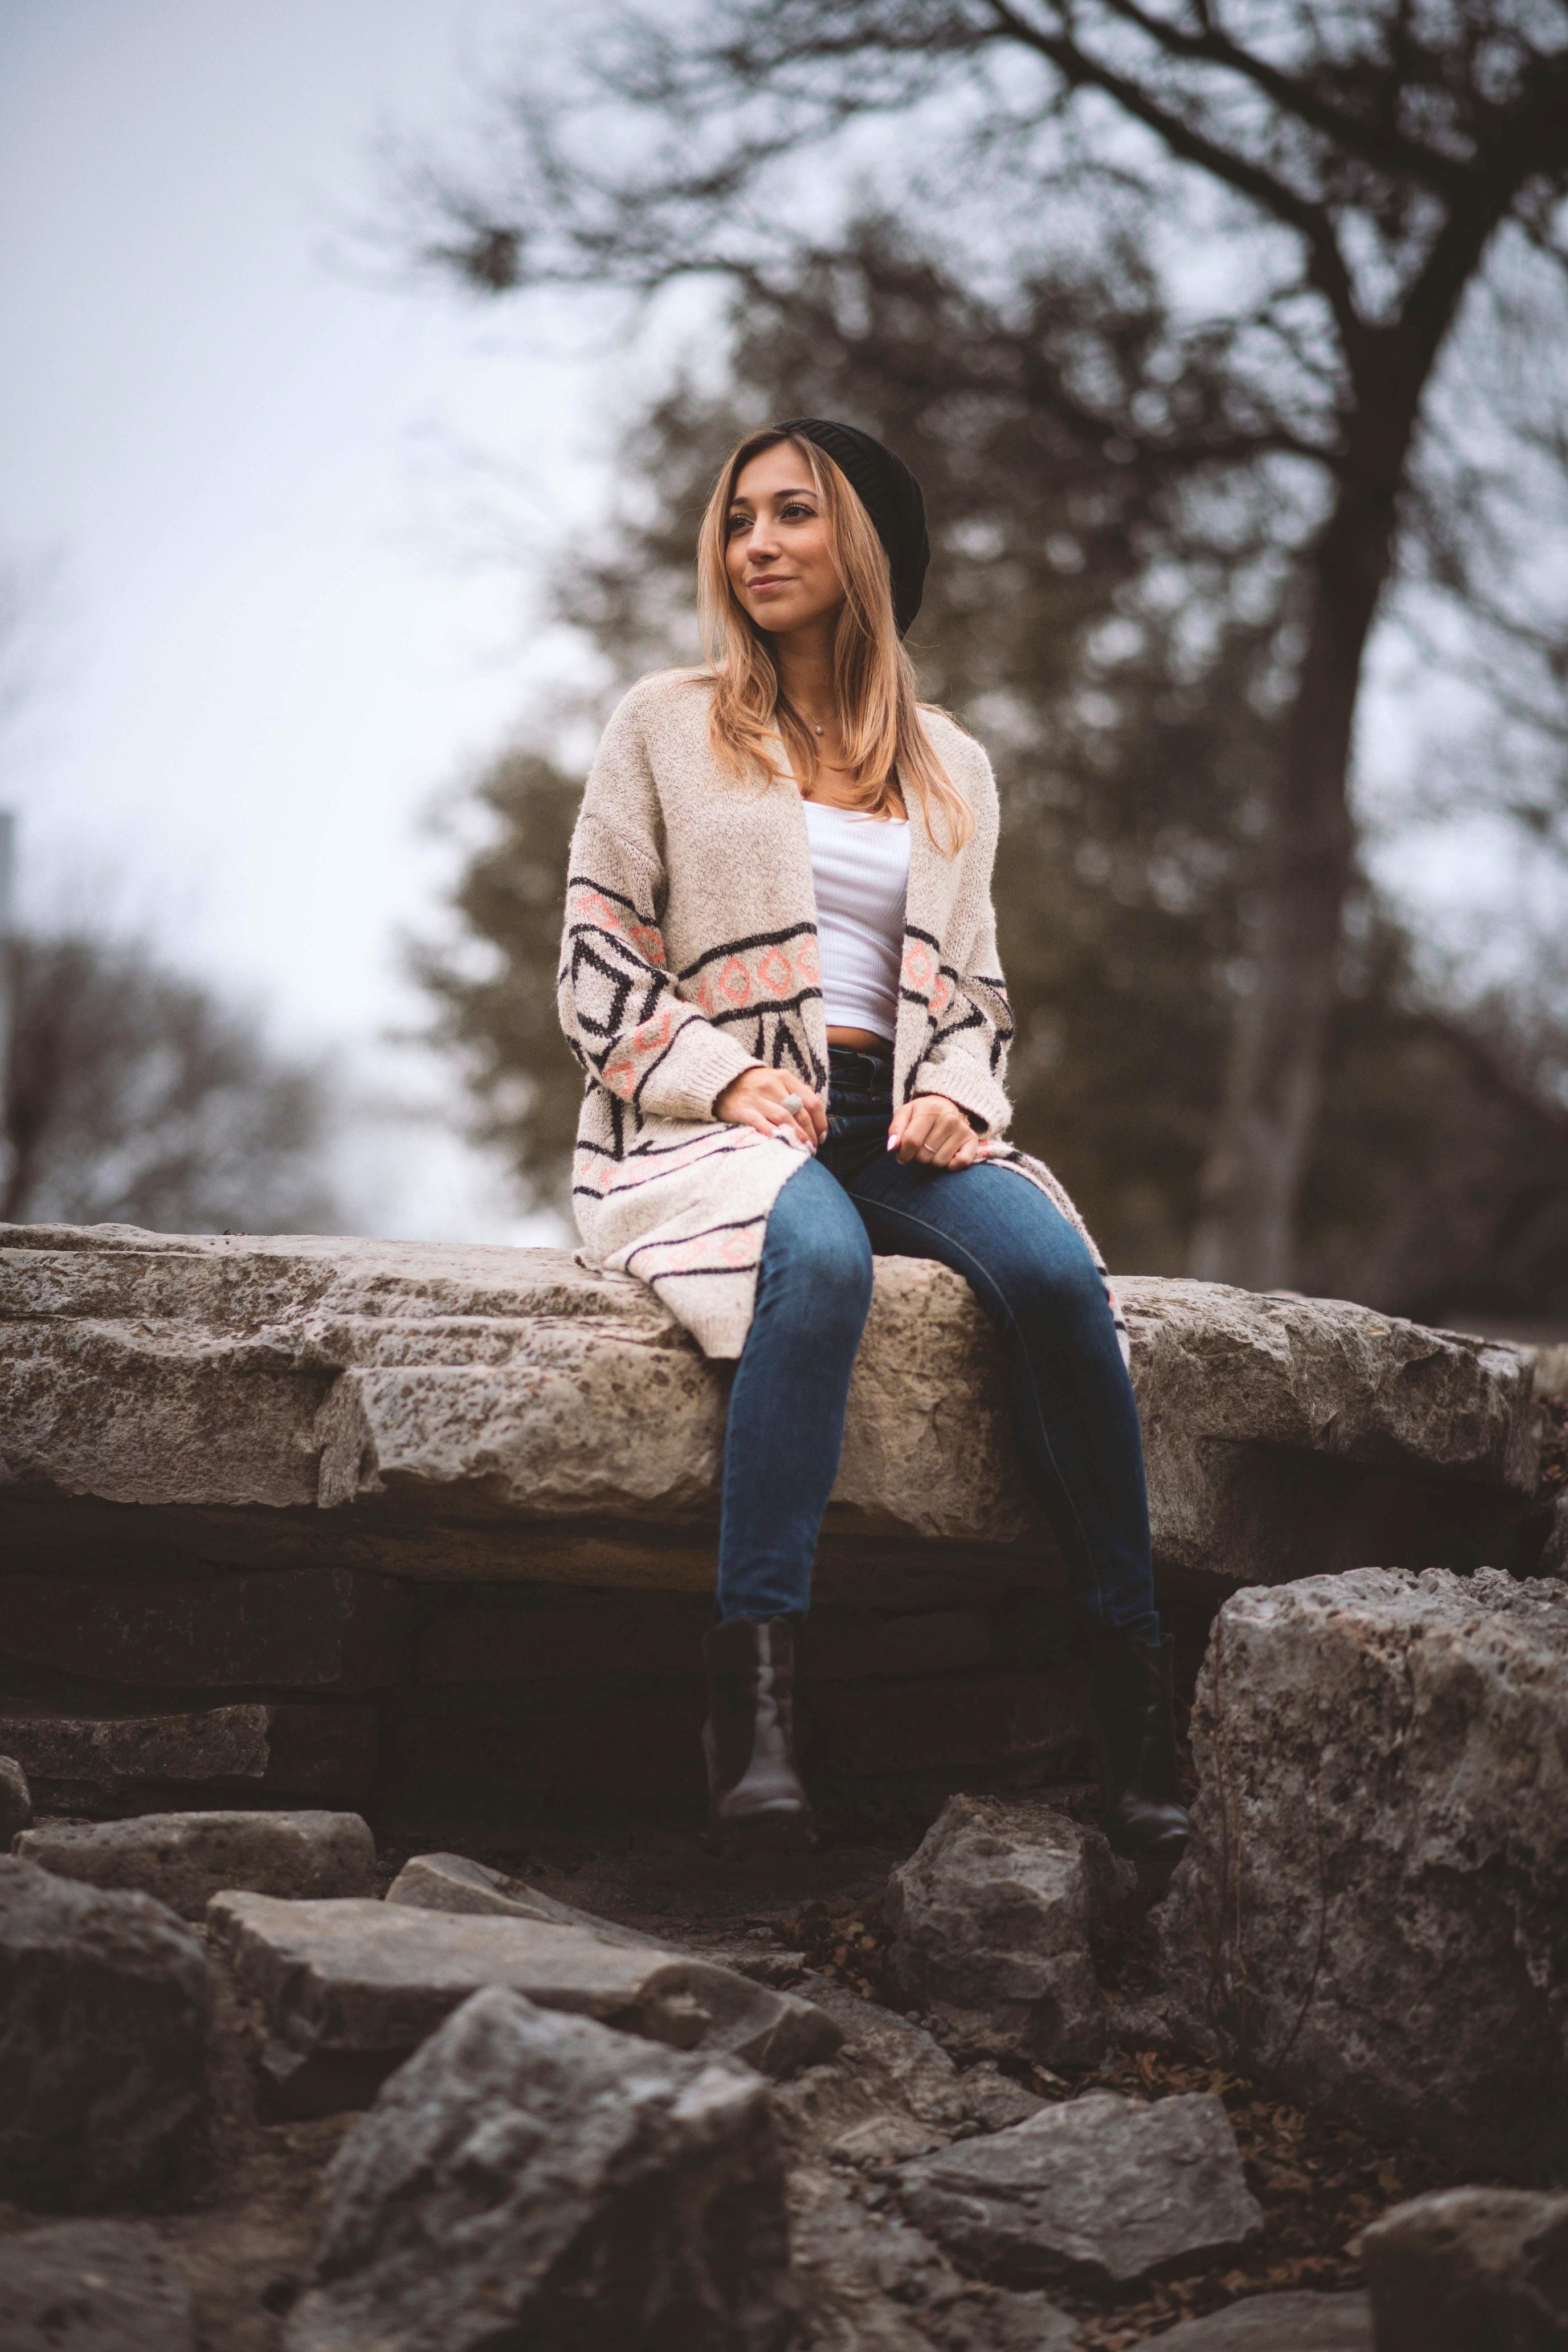 kiểu cảm xúc cô gái ngồi trên đá